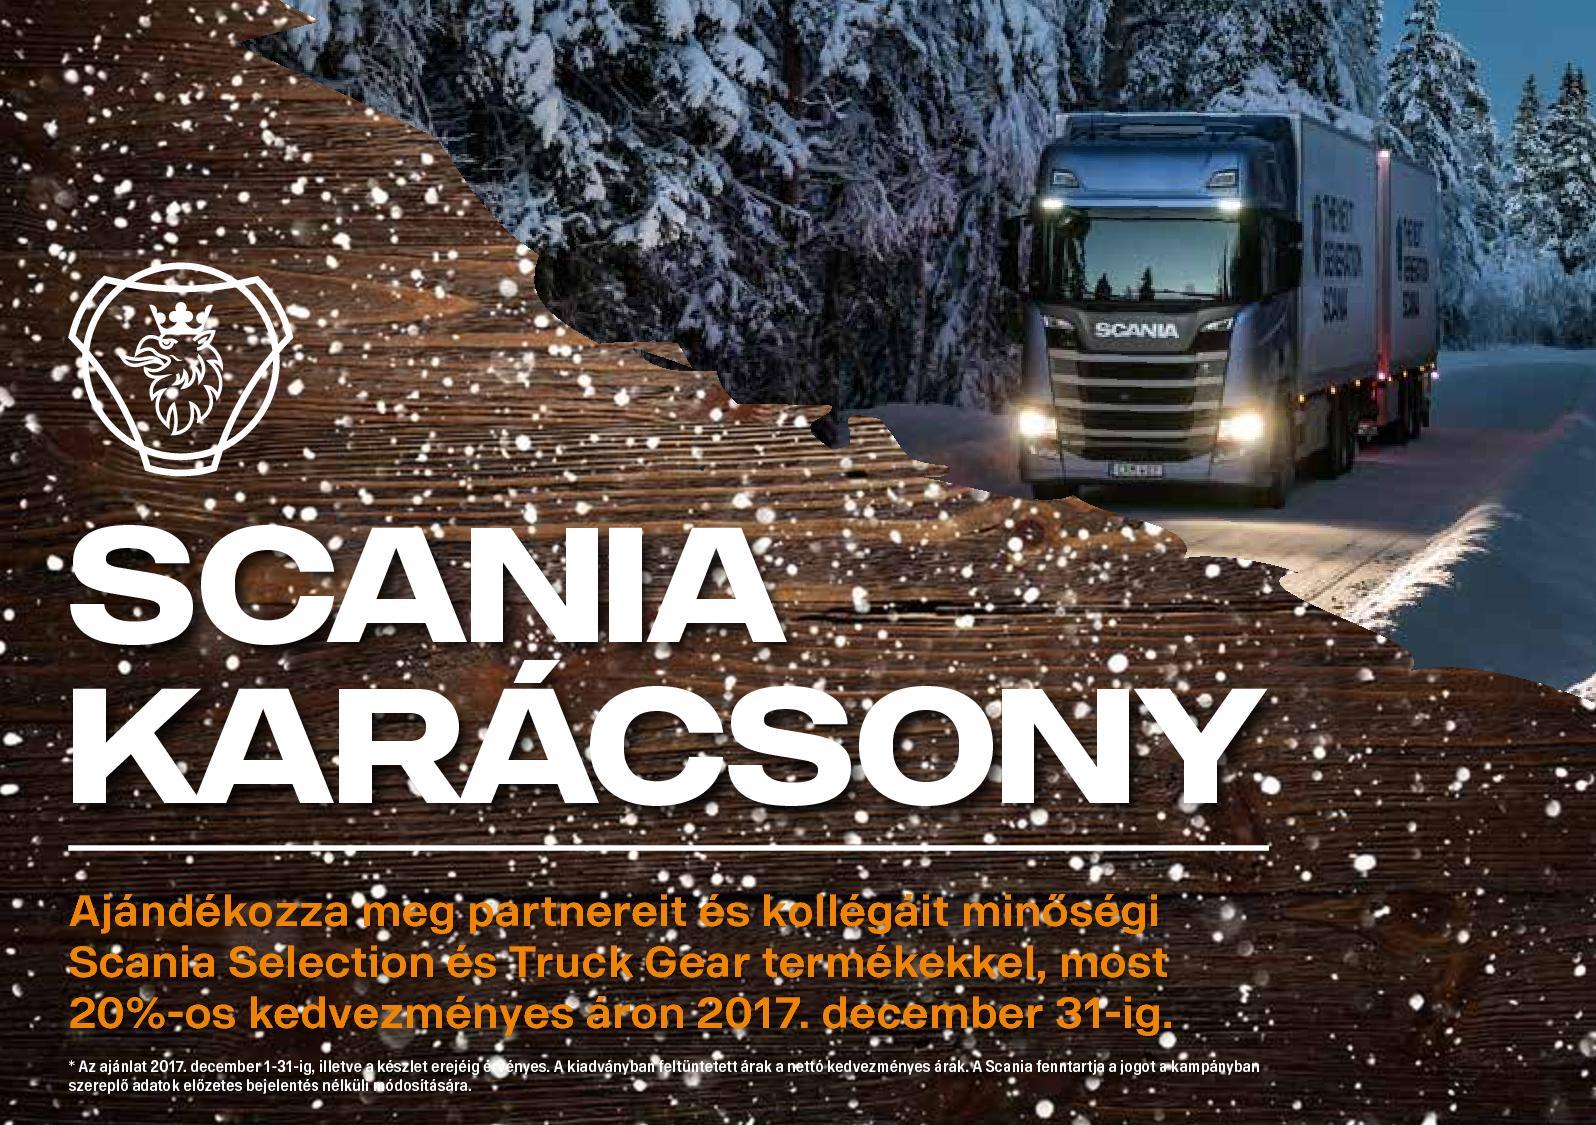 9a6d71f8f9 Calaméo - Scania Karácsony (2017)